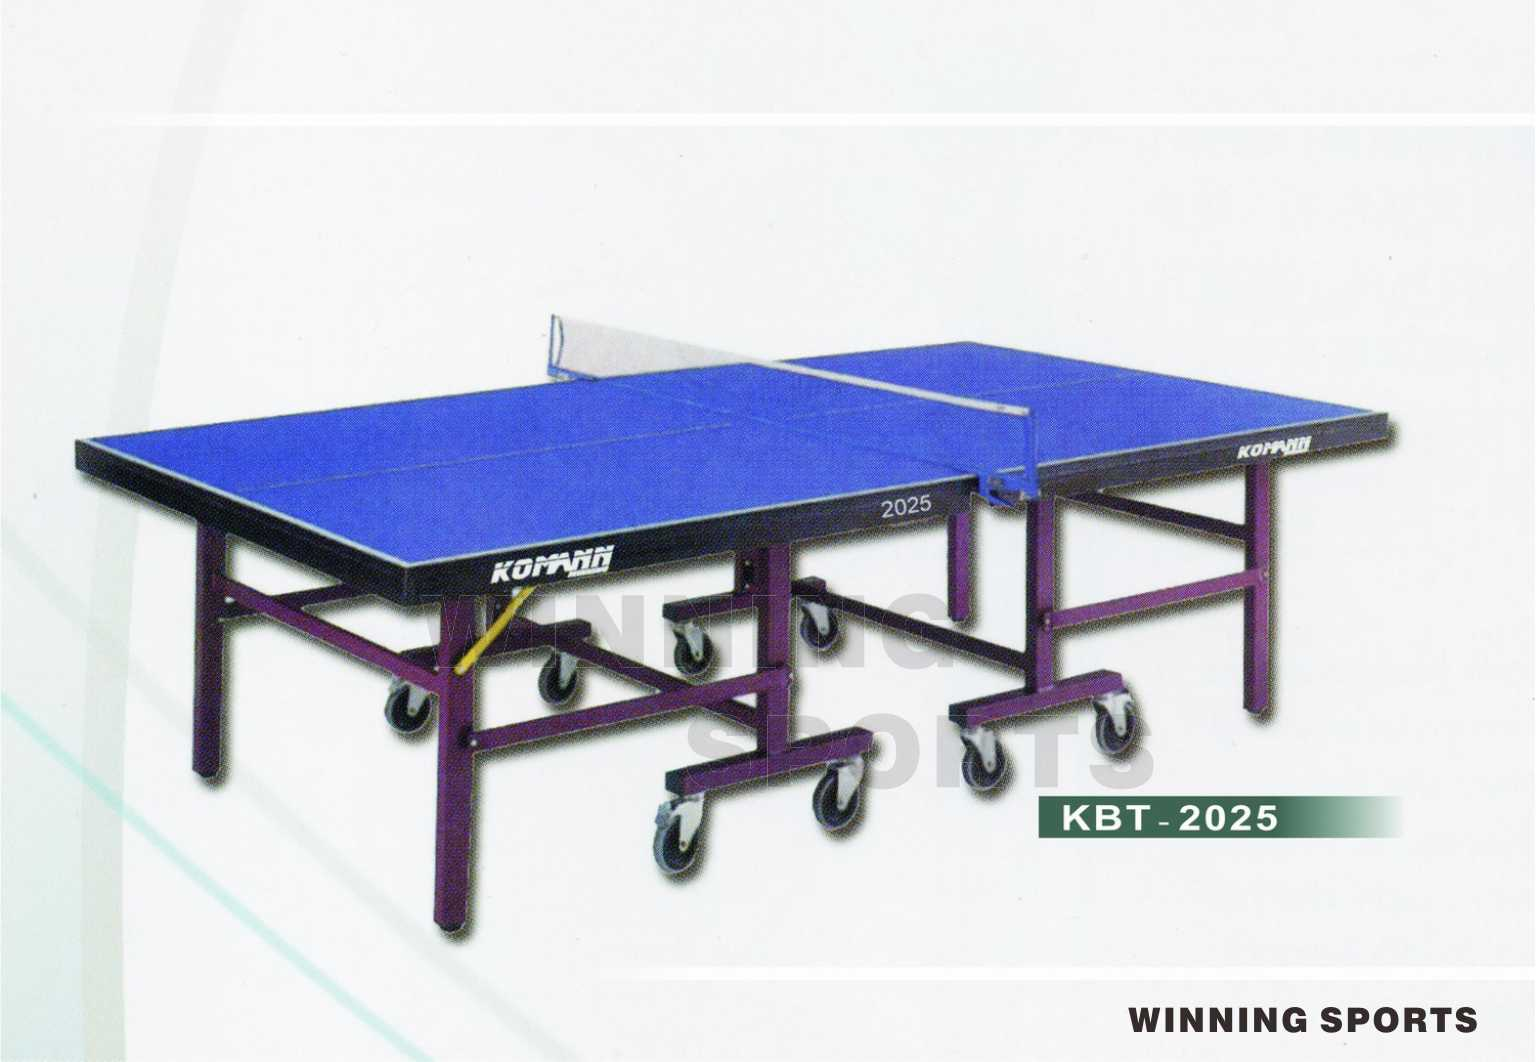 KBT-2025